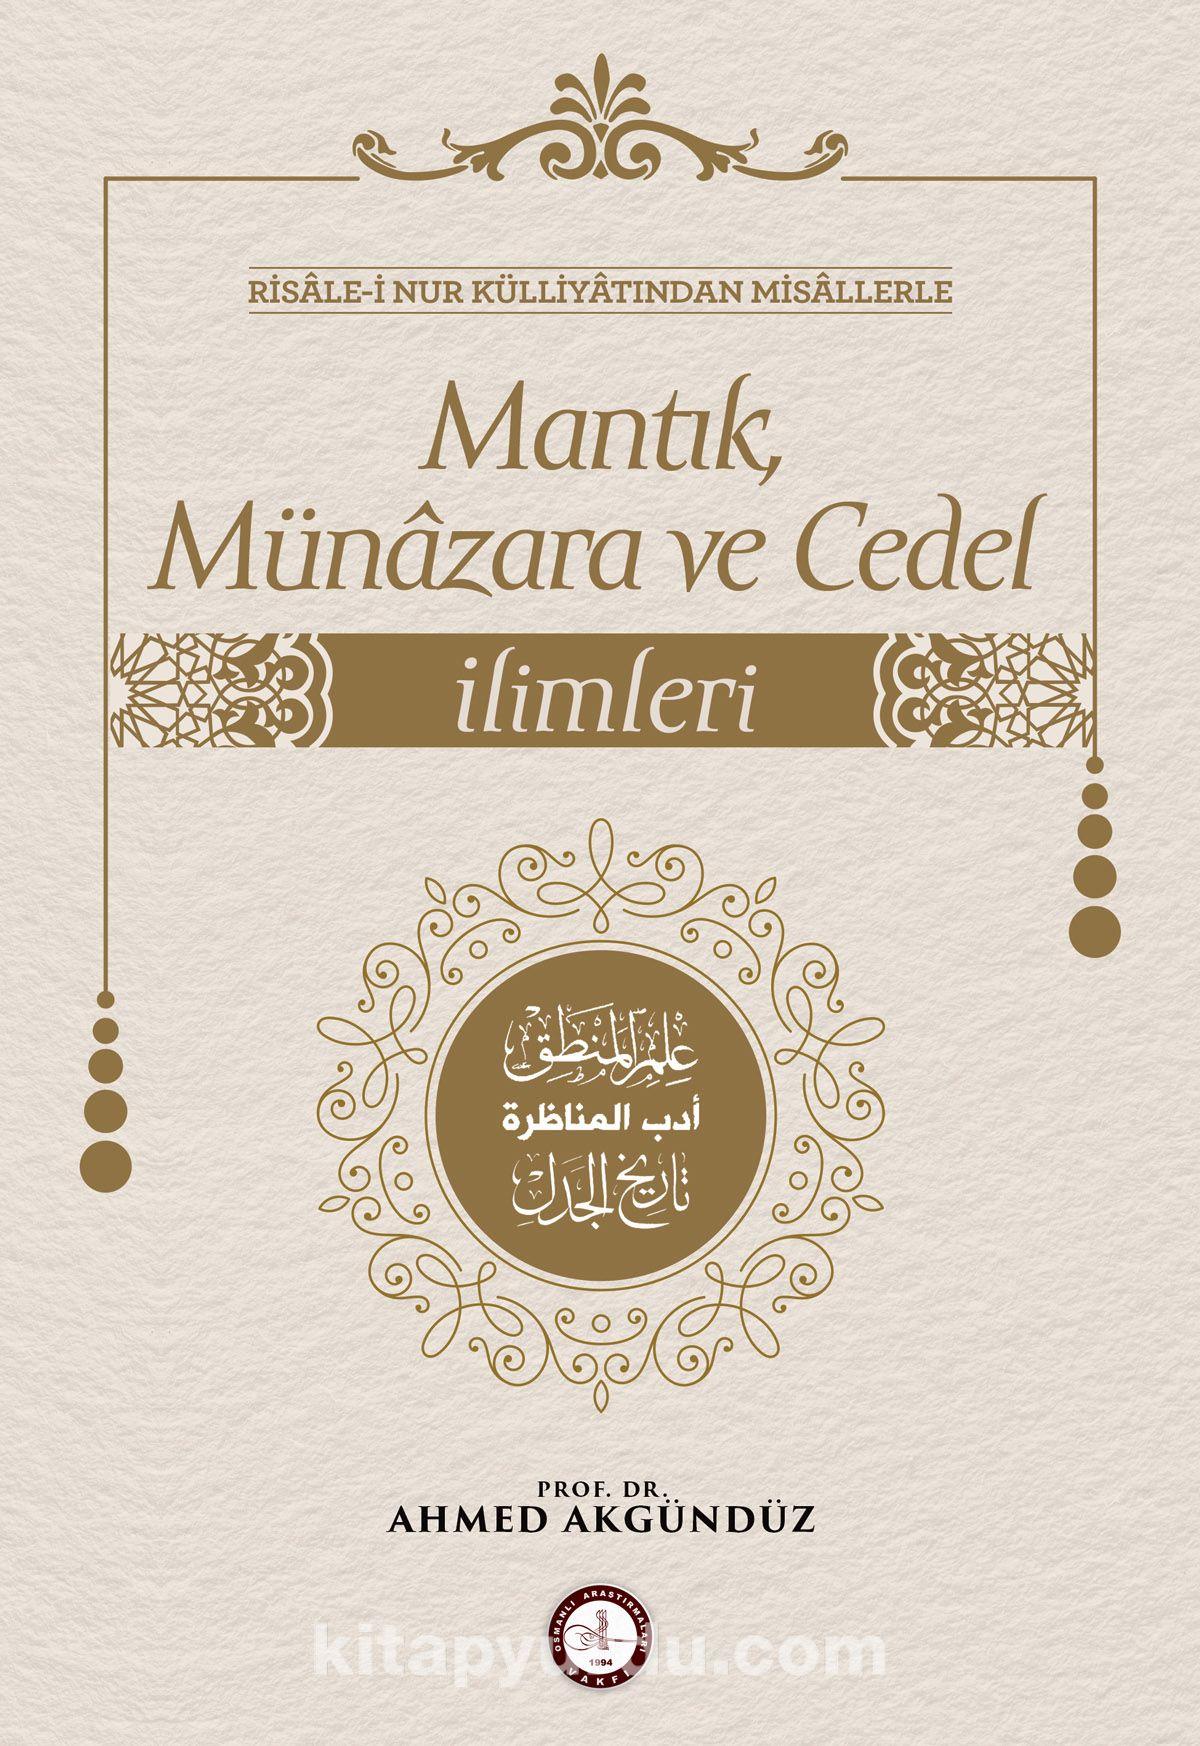 Risale-i Nur Külliyatından Misallerle: Mantık, Münazara ve Cedel İlimleri - Prof. Dr. Ahmed Akgündüz pdf epub